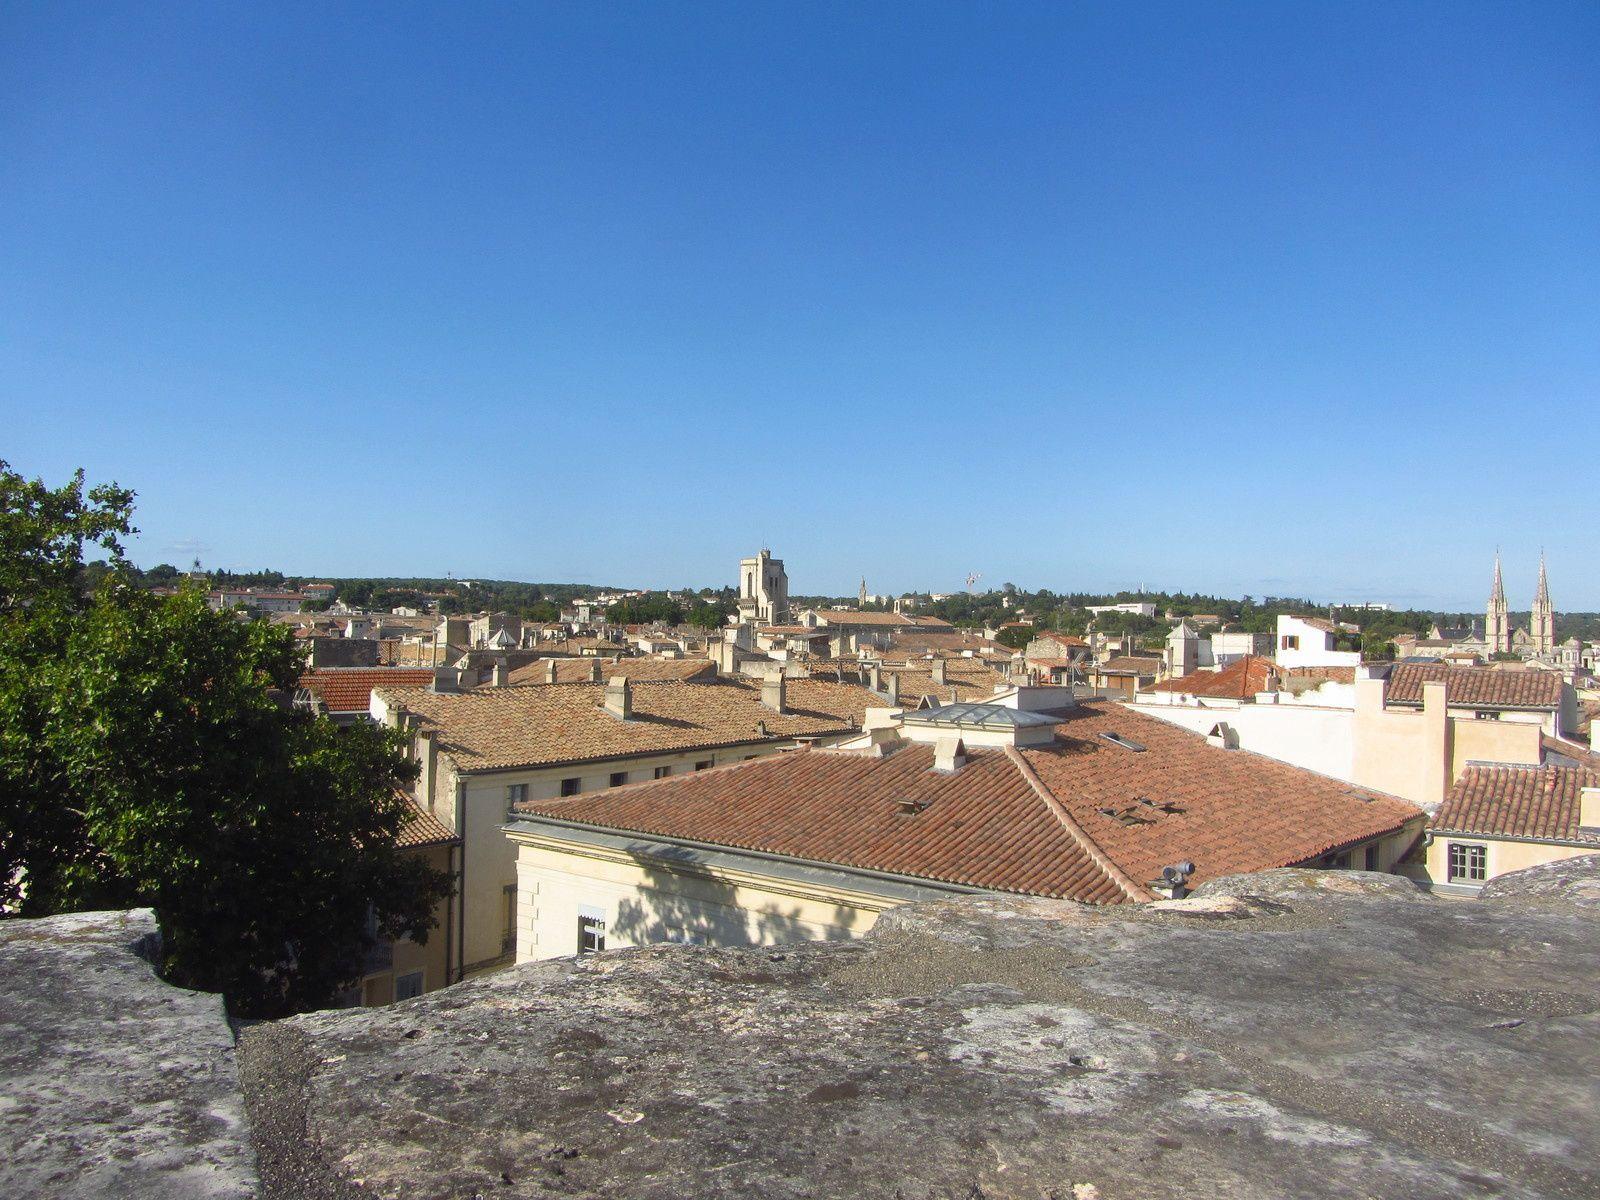 Arrivé en haut des gradins, on a aussi une très belle vue sur la ville de Nimes.